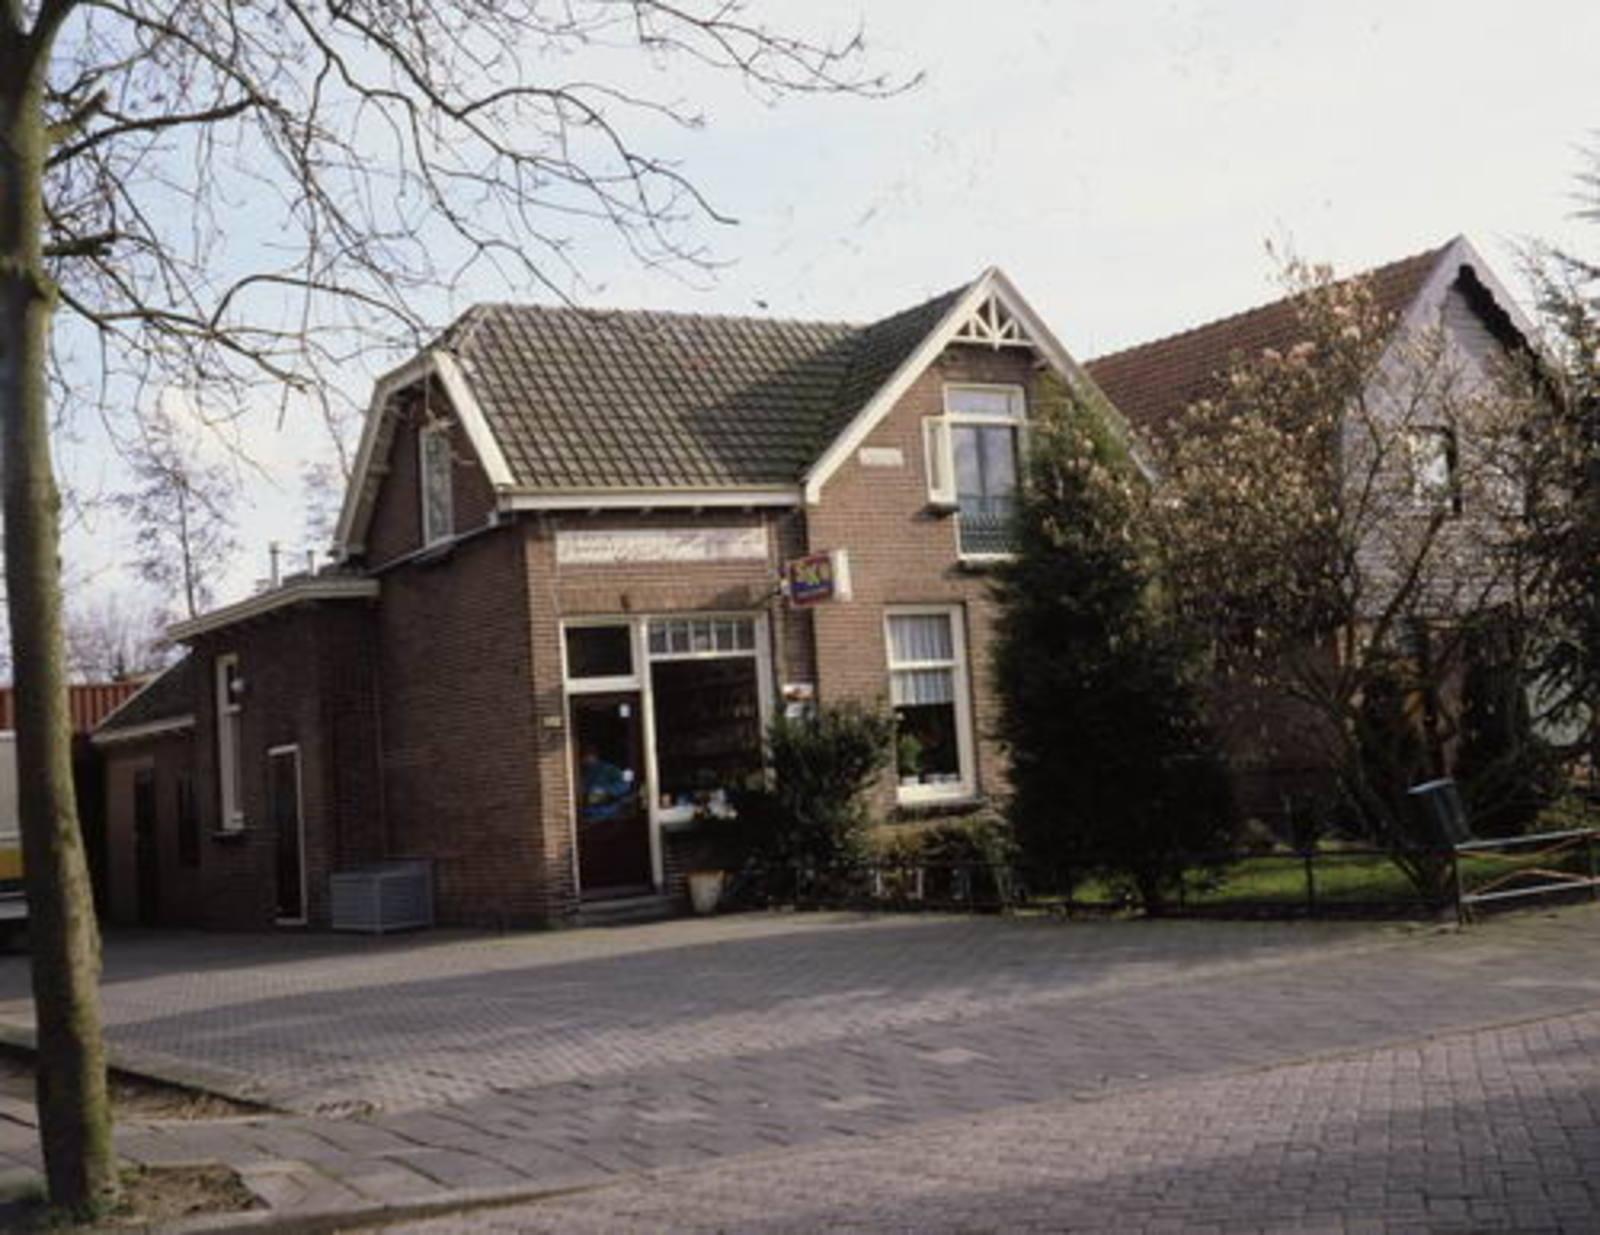 Kromme Spieringweg O 0440 1989 Melkhandel Ziere 01